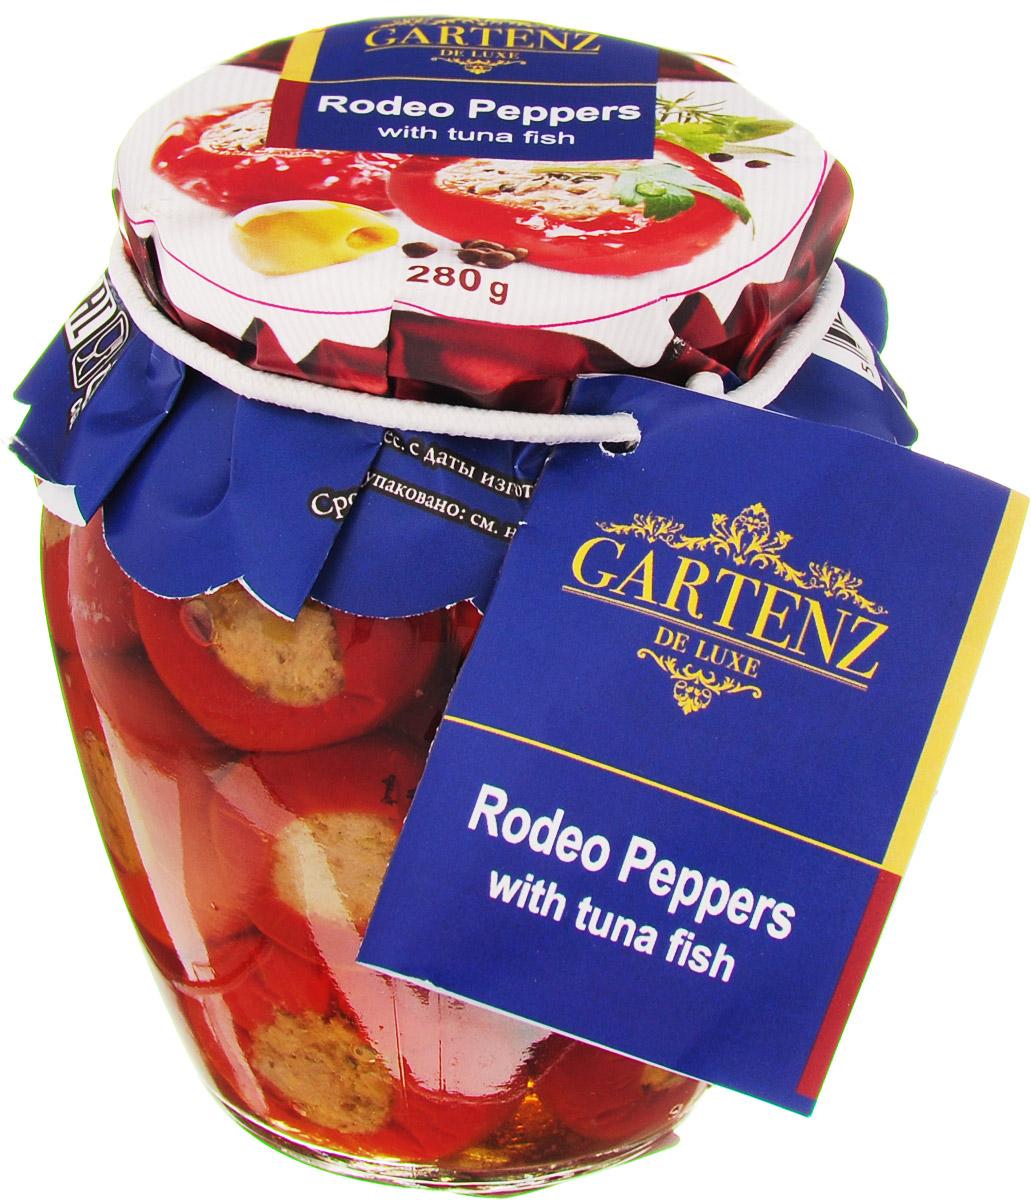 Gartenz de Luxe перчики фаршированные тунцом, 280 гоаа017Отборные красные перчики Родео, выращенные на полях Македонии, фаршированы тунцом с оливками и каперсами. Отлично подойдут к любому столу и могут подаваться на Ваш выбор в качестве пикантной закуски или гарнира. Приятного аппетита! Продукция под торговой маркой Gartenz de Luxe ориентирована на удовлетворение самых изысканных вкусовых предпочтений. Овощные деликатесы Gartenz de Luxe объединяют в себе уникальную рецептуру, использование отборных овощей, отсутствие искусственных добавок, и яркий, контрастный дизайн. Строгий отбор и непрерывный тщательный контроль сырья опытными специалистами, в сочетании с высокими технологиями производства, позволяют поддерживать стабильно высокое качество всей линейки Gartenz de Luxe. Перец и баклажаны, используемые для производства овощных закусок Gartenz de Luxe выращиваются в Македонии. Перед приготовлением овощи очищаются, обжигаются на открытом огне и режутся на кусочки. Процесс приготовления происходит при низких температурах (50 С),...